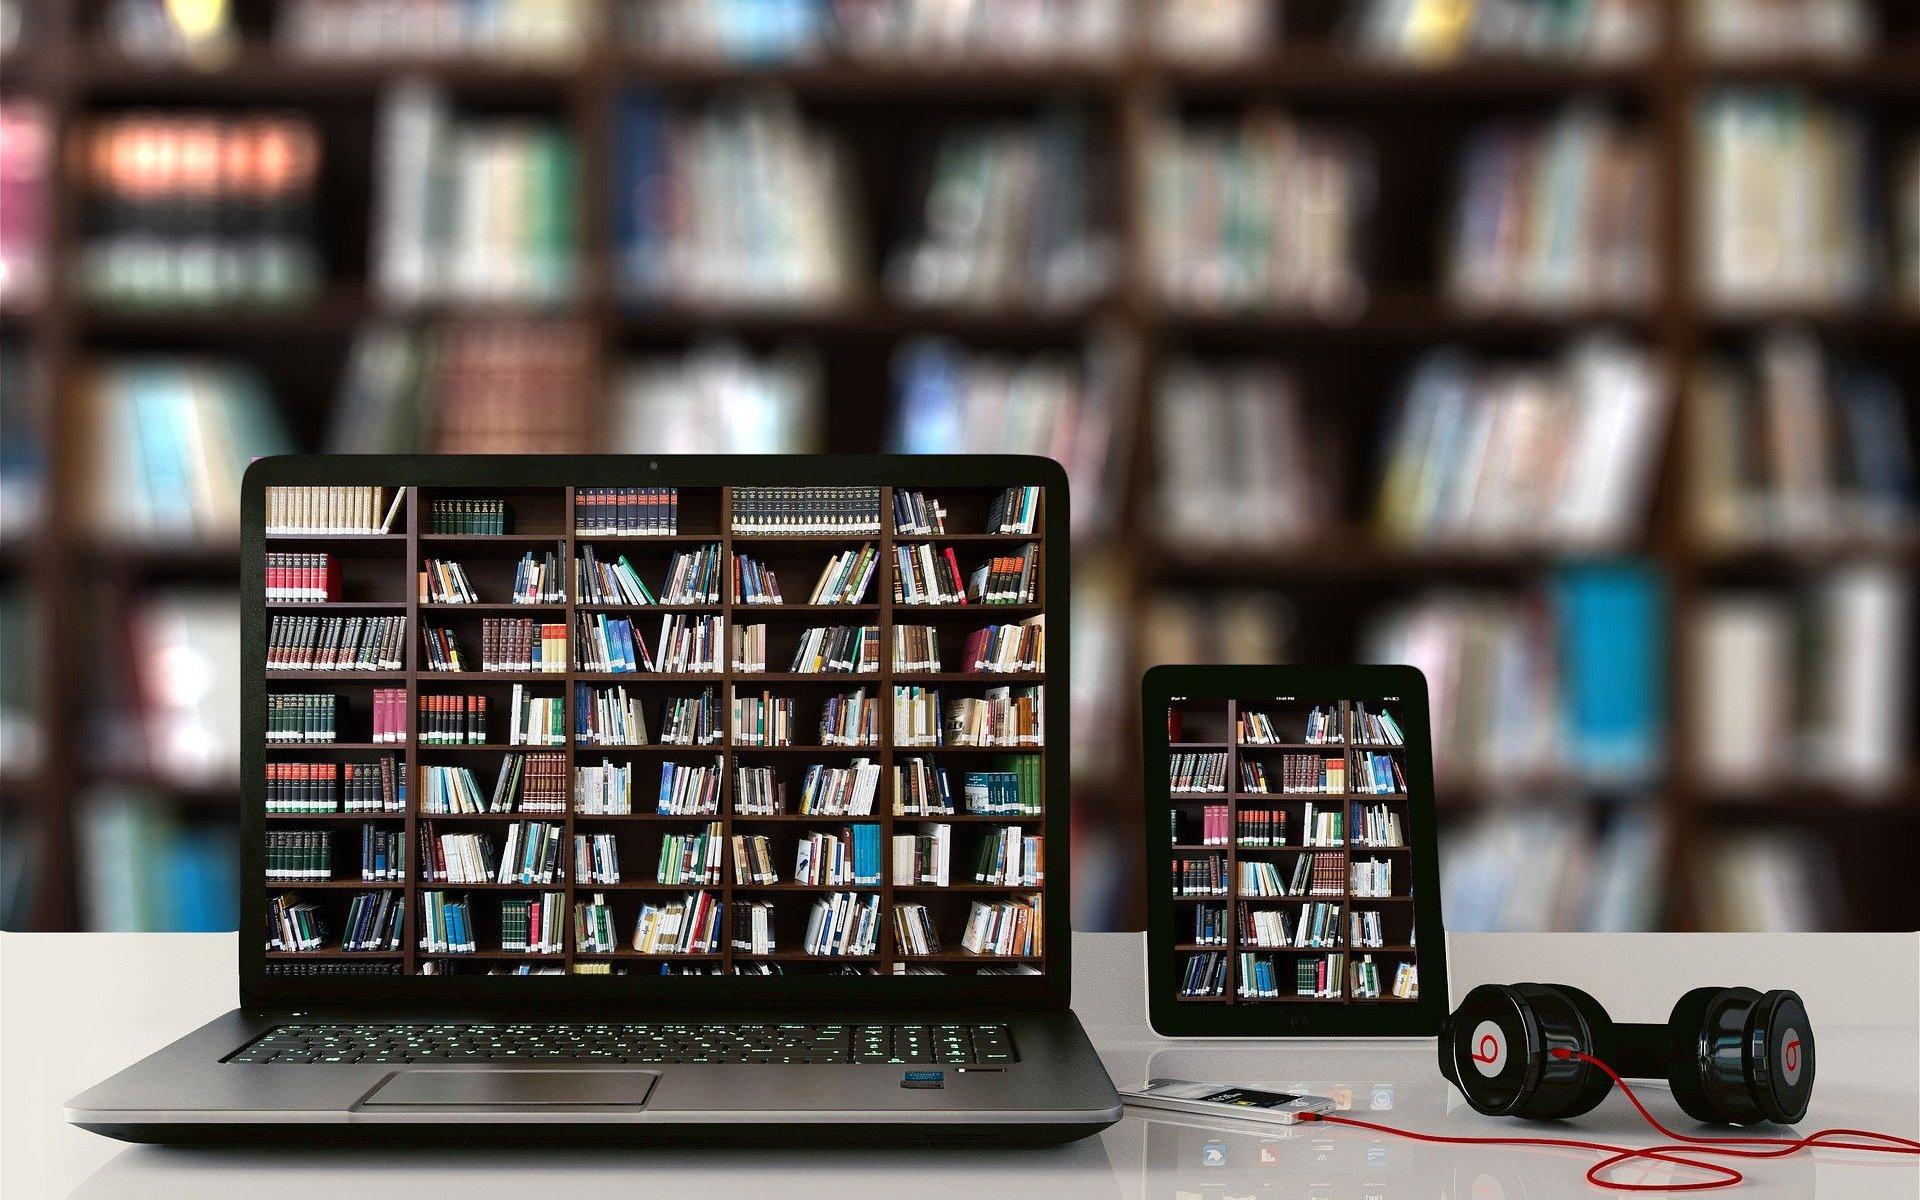 bücher desktop laptop tablett